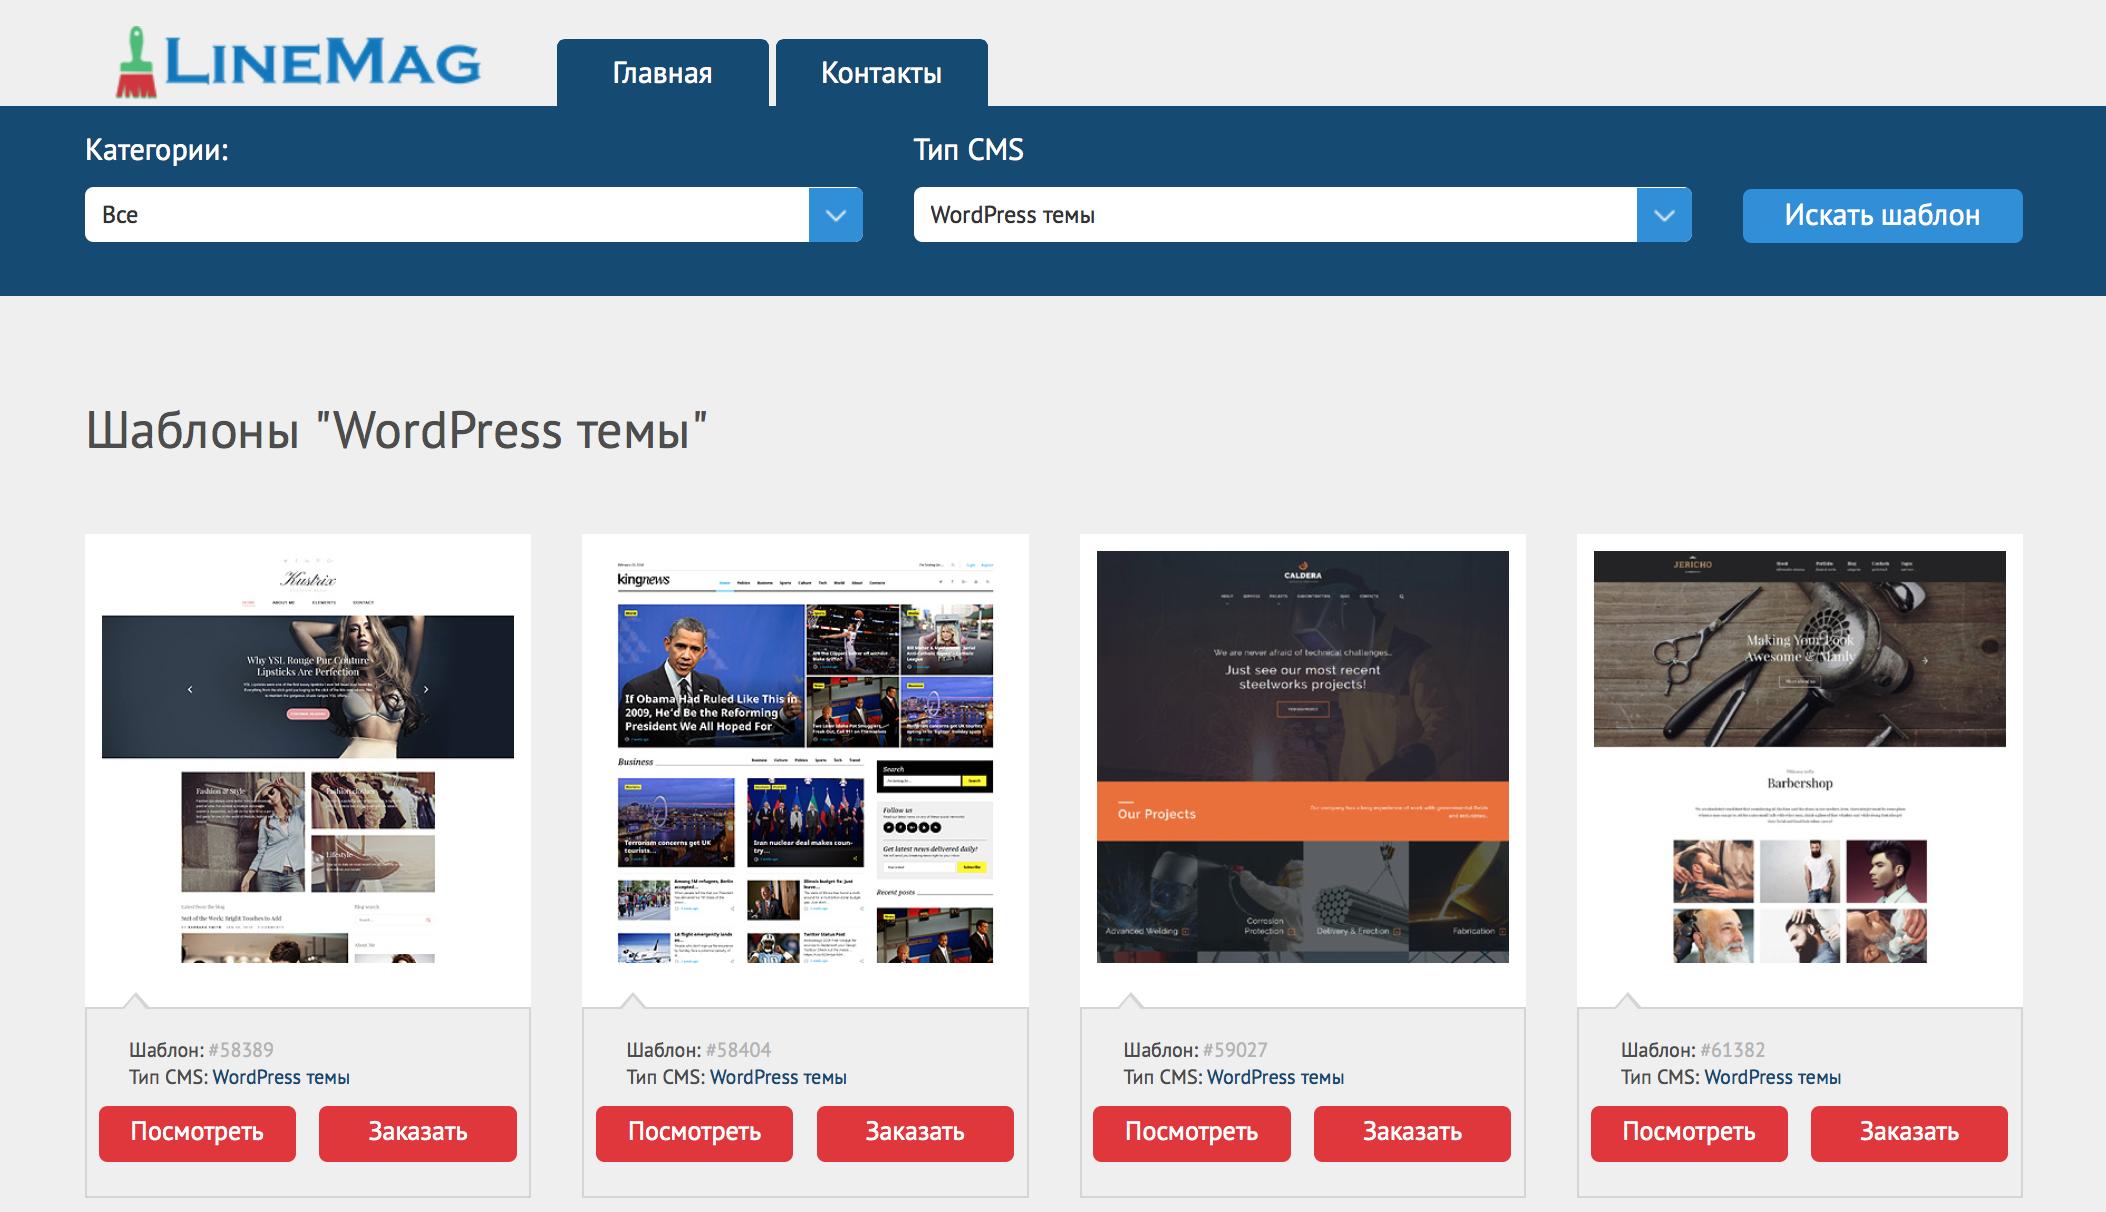 Создание статичного сайта на вордпресс сайт нефтяная компания евразия